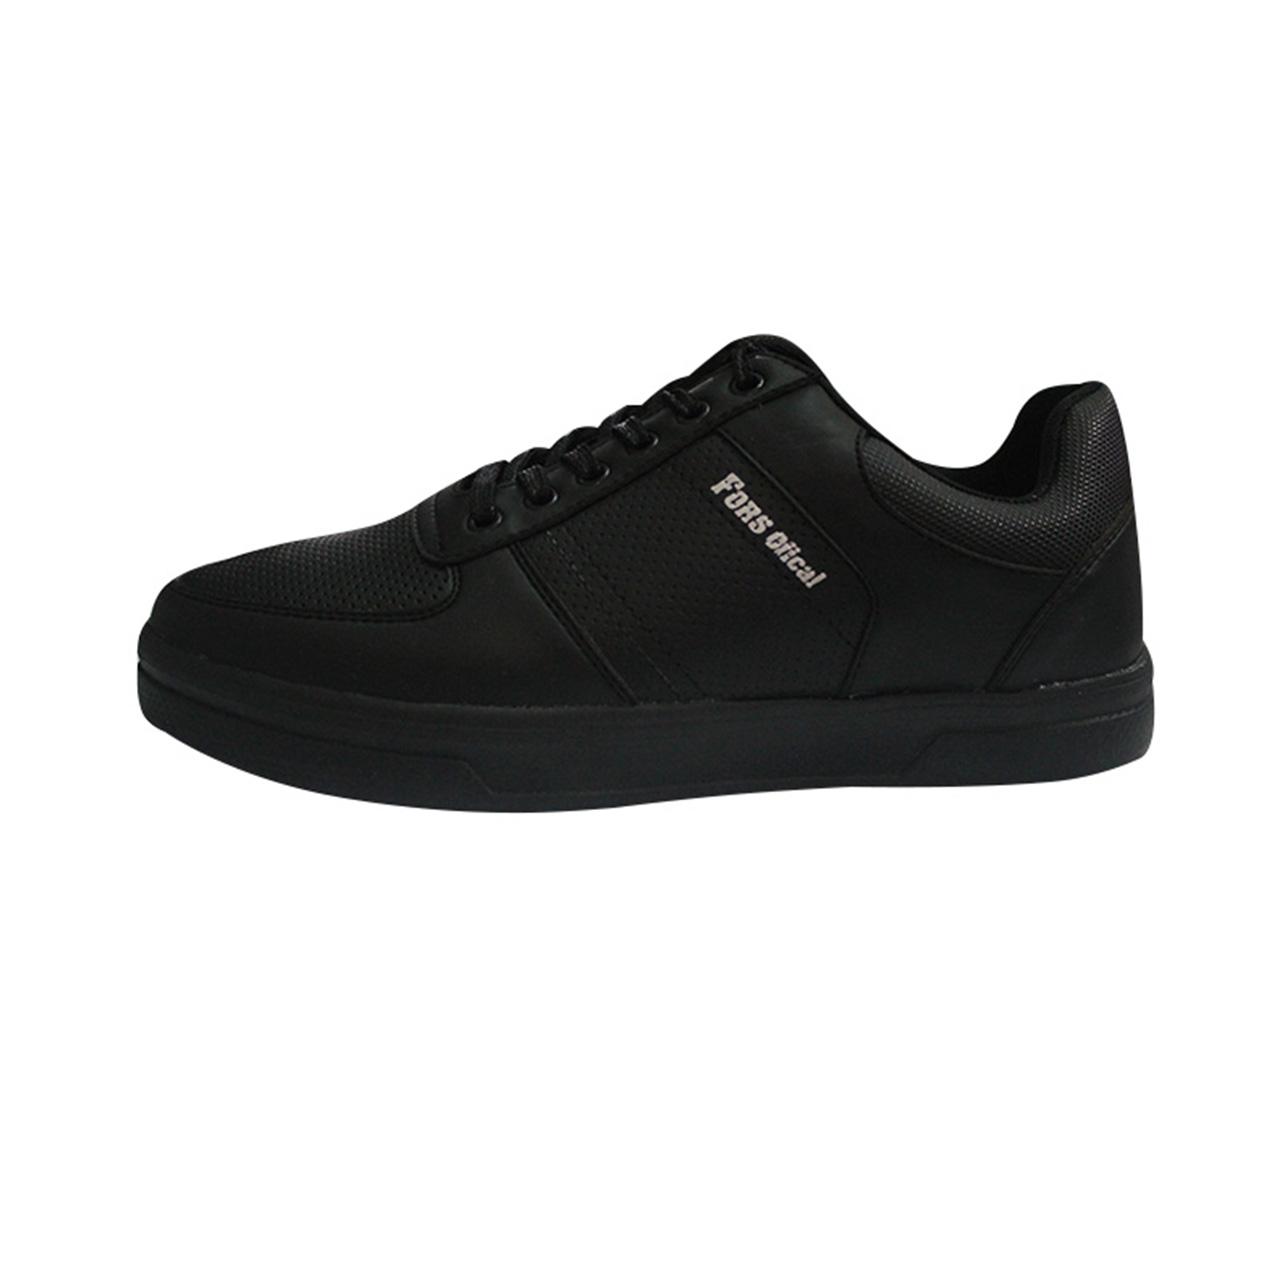 قیمت کفش مخصوص پیاده روی و دویدن مردانه فورس مدل 2020m1B